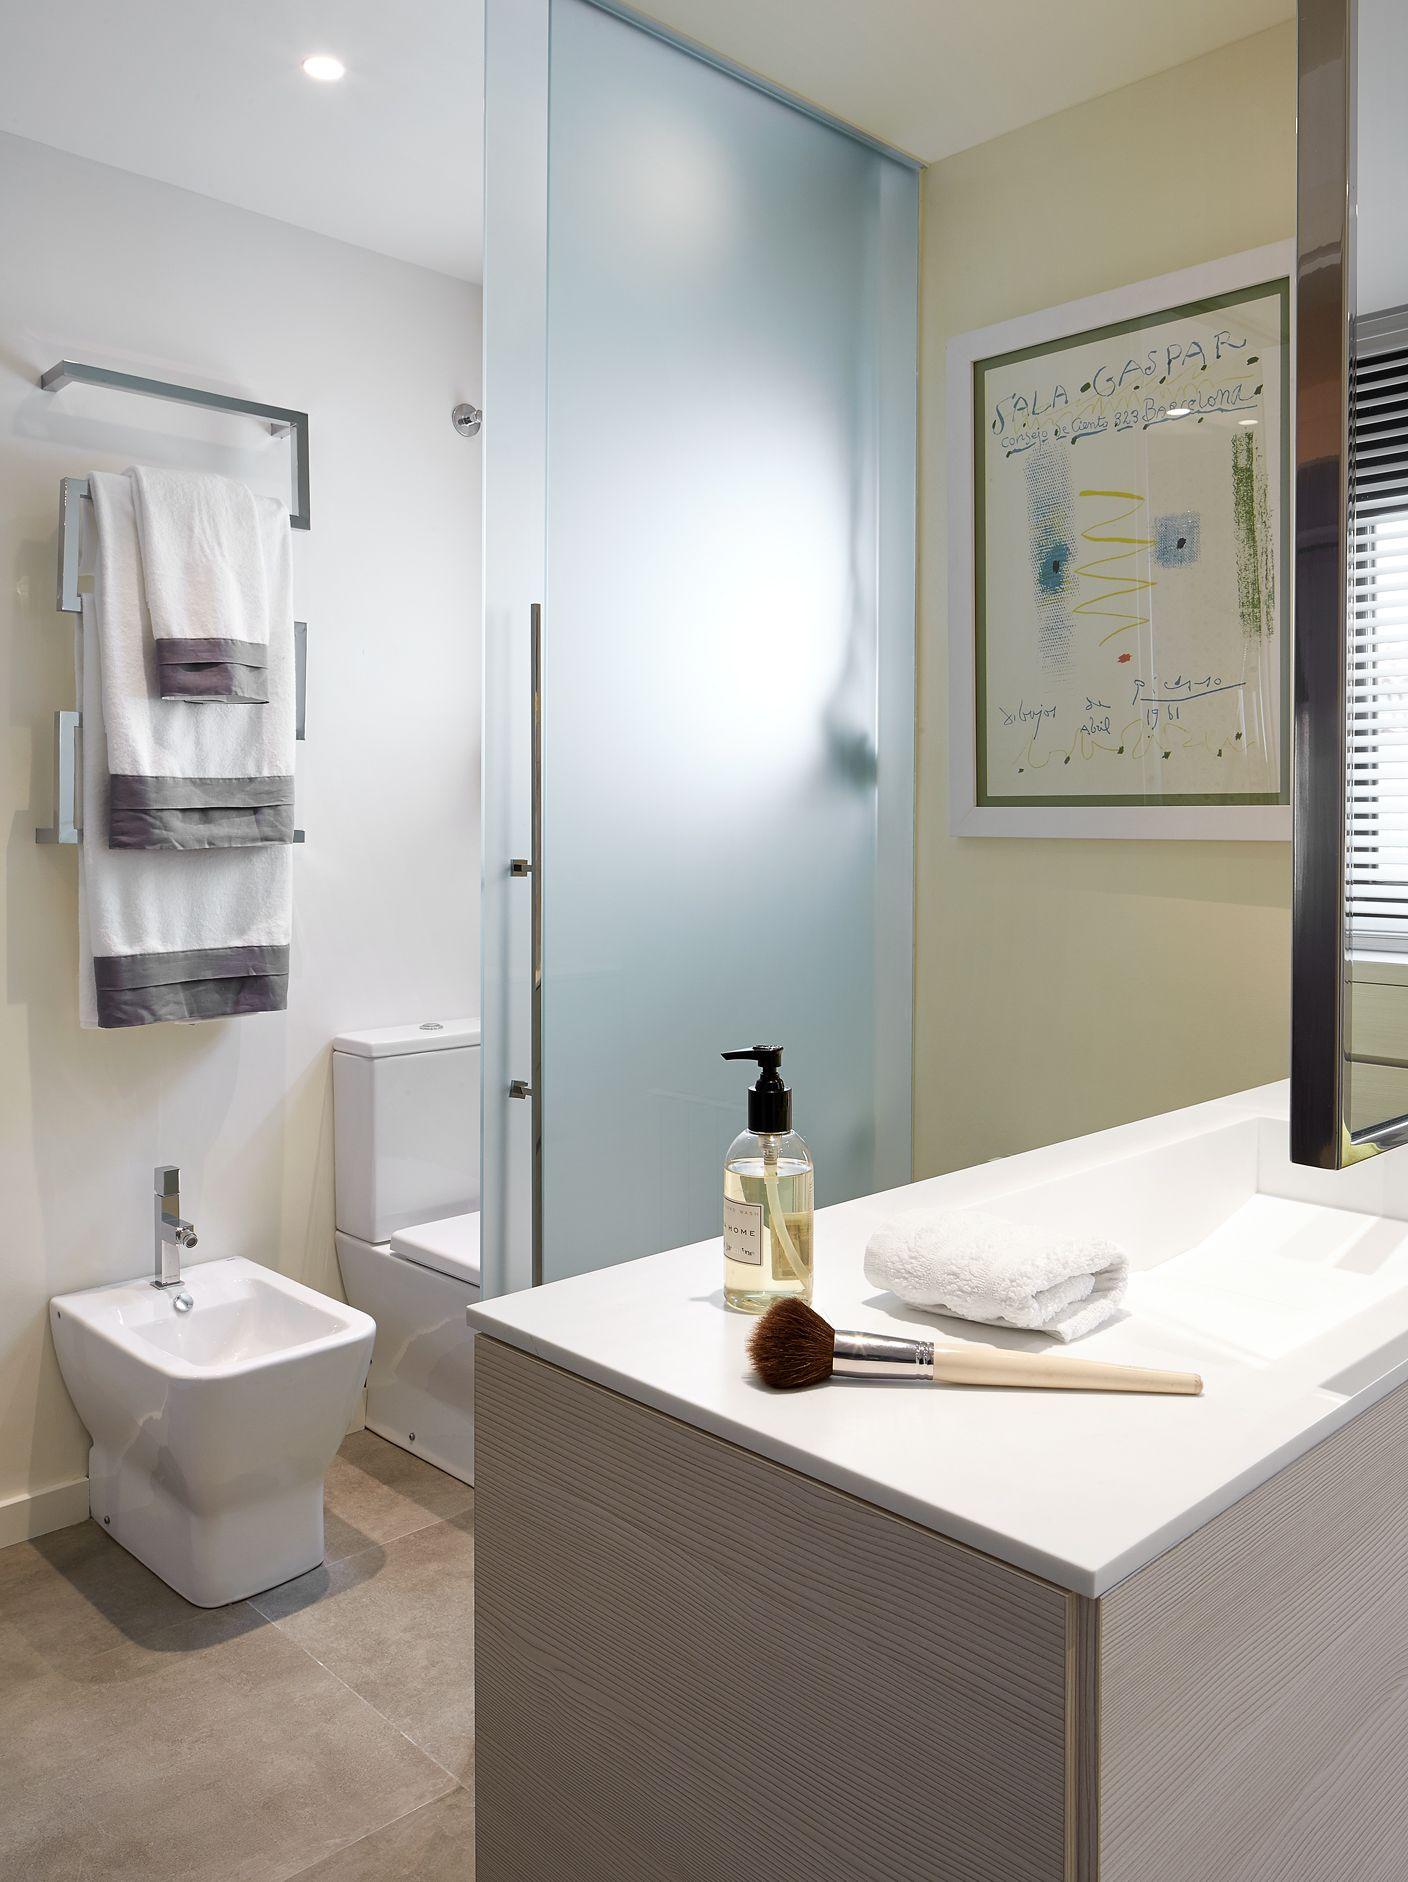 Molins interiors arquitectura interior interiorismo - Interiorismo dormitorios ...